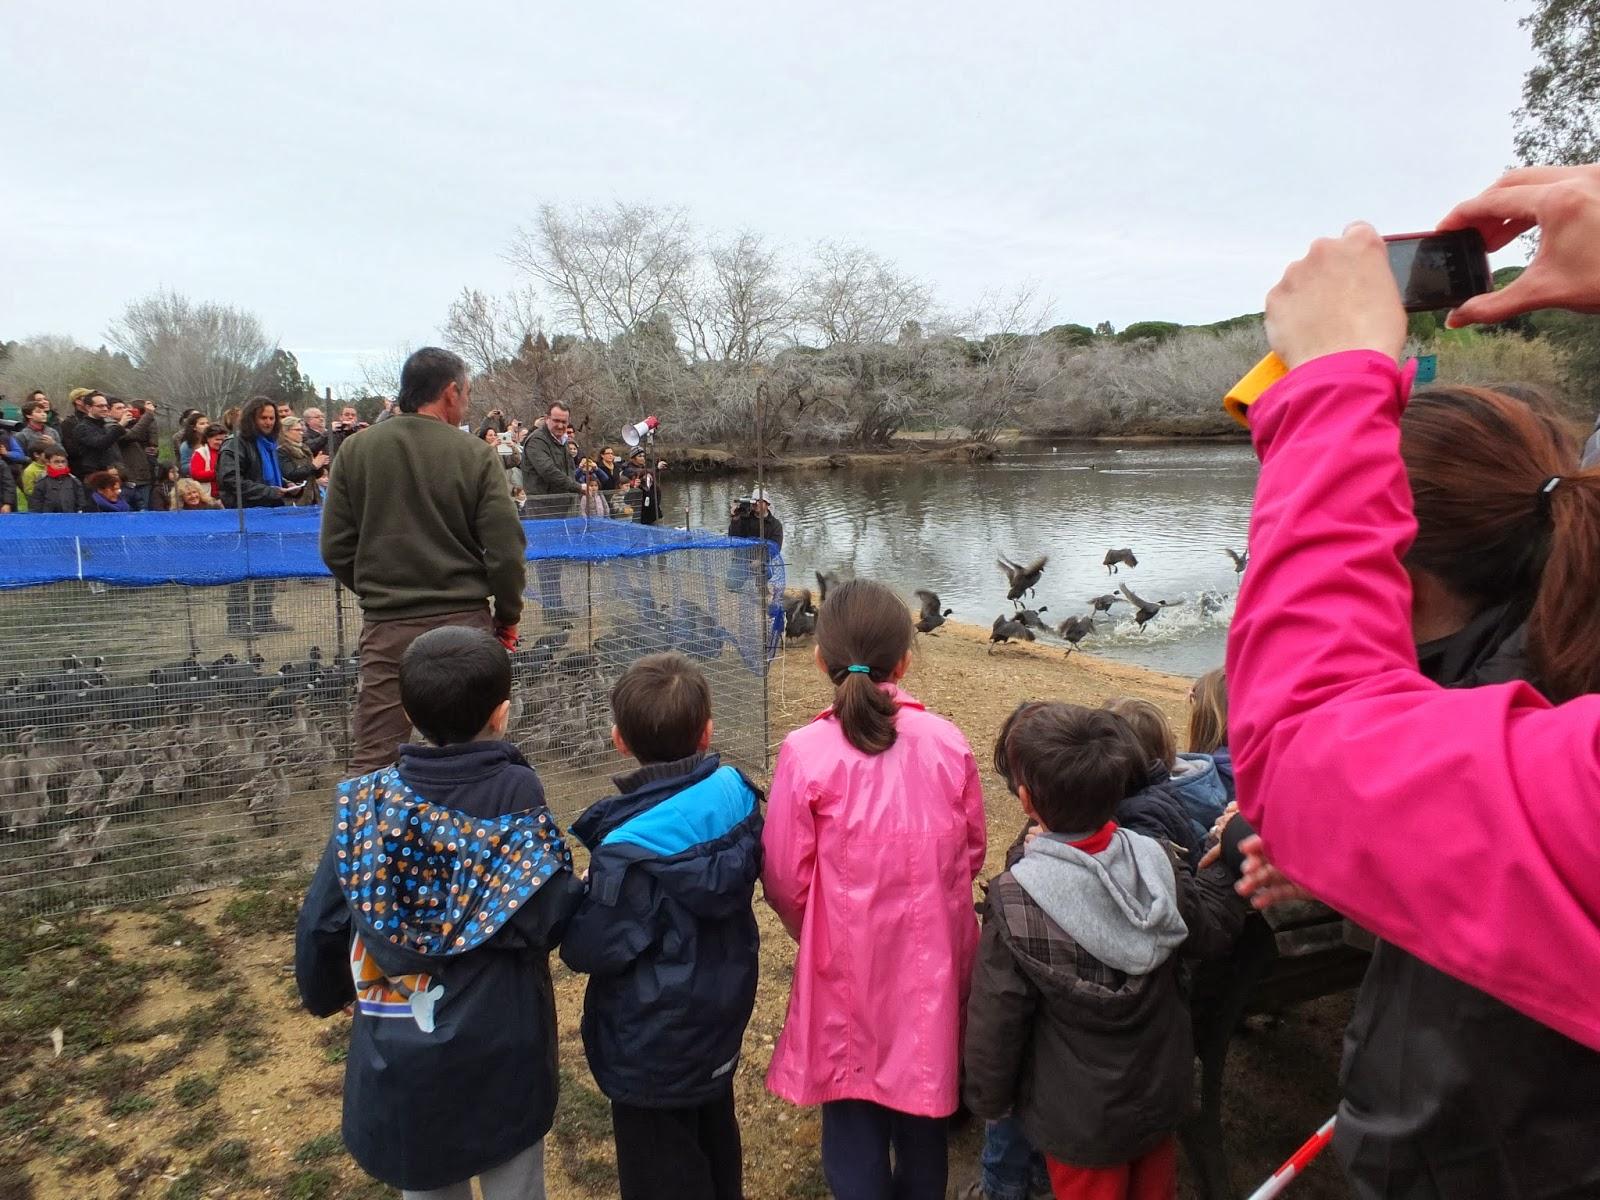 Día Mundial de los Humedales 2014.  Celebración del Grupo Local SEO-Sevilla de SEO/Birdlife en la Cañada de los Pájaros (Puebla del Río). Educación Ambiental